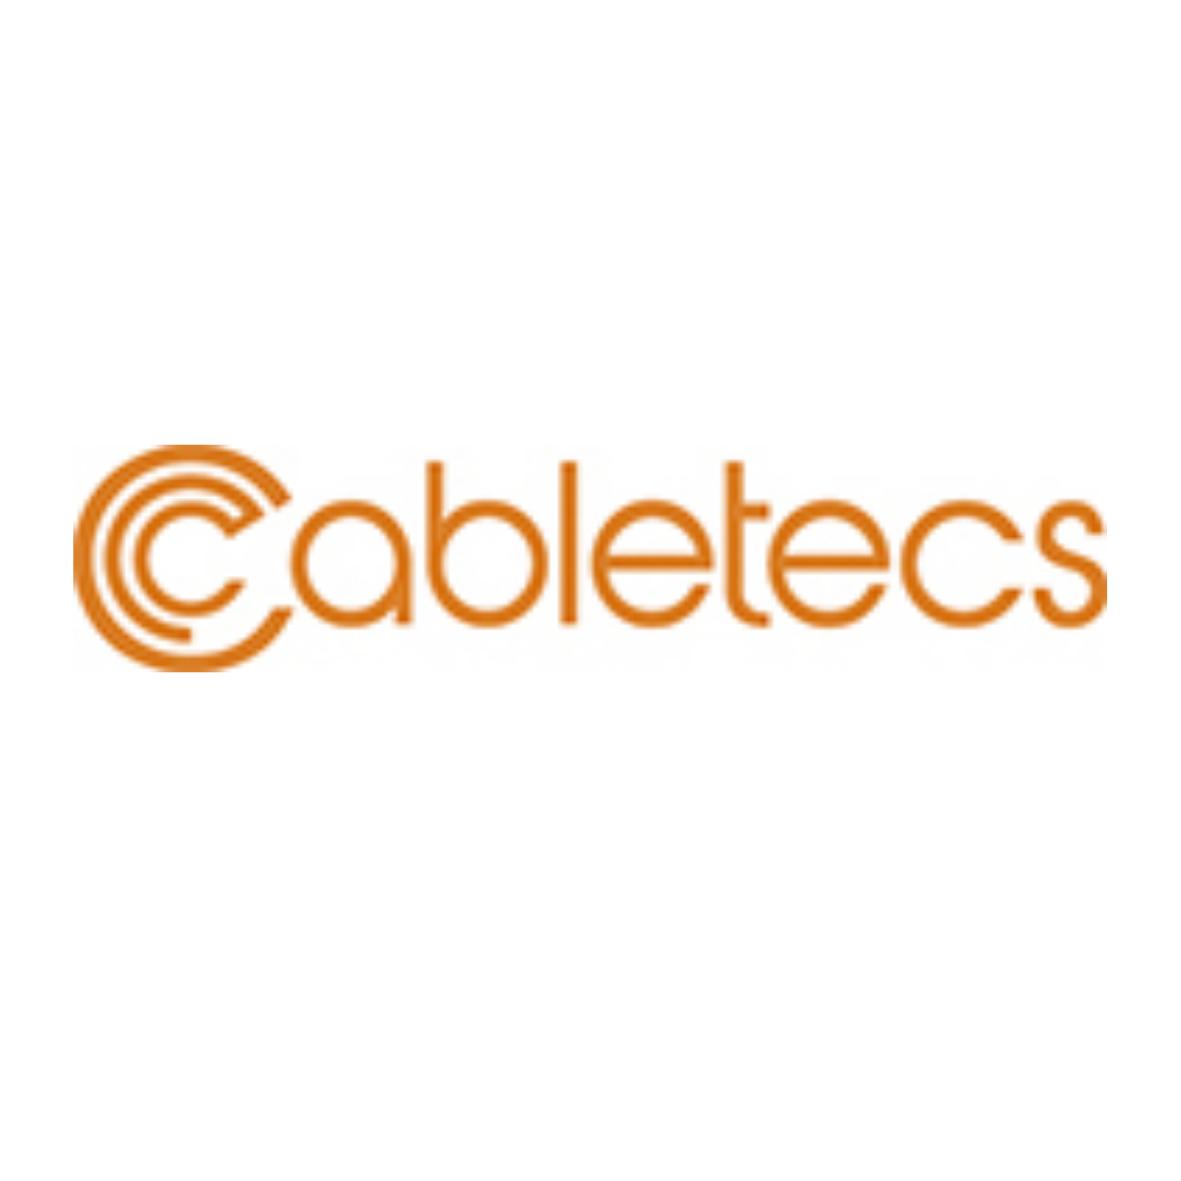 Cabletecs